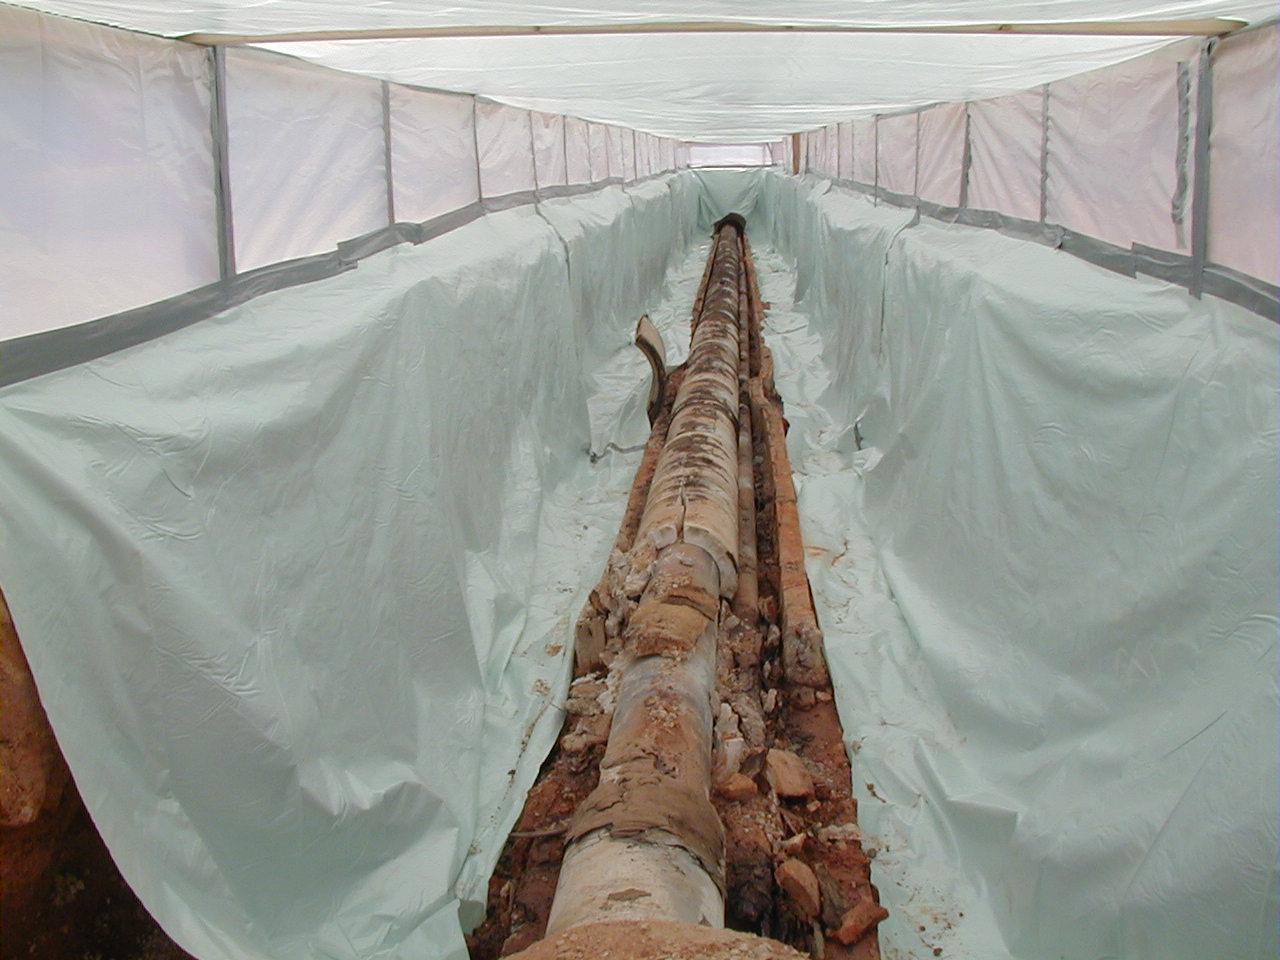 underground pipe 2 smaller